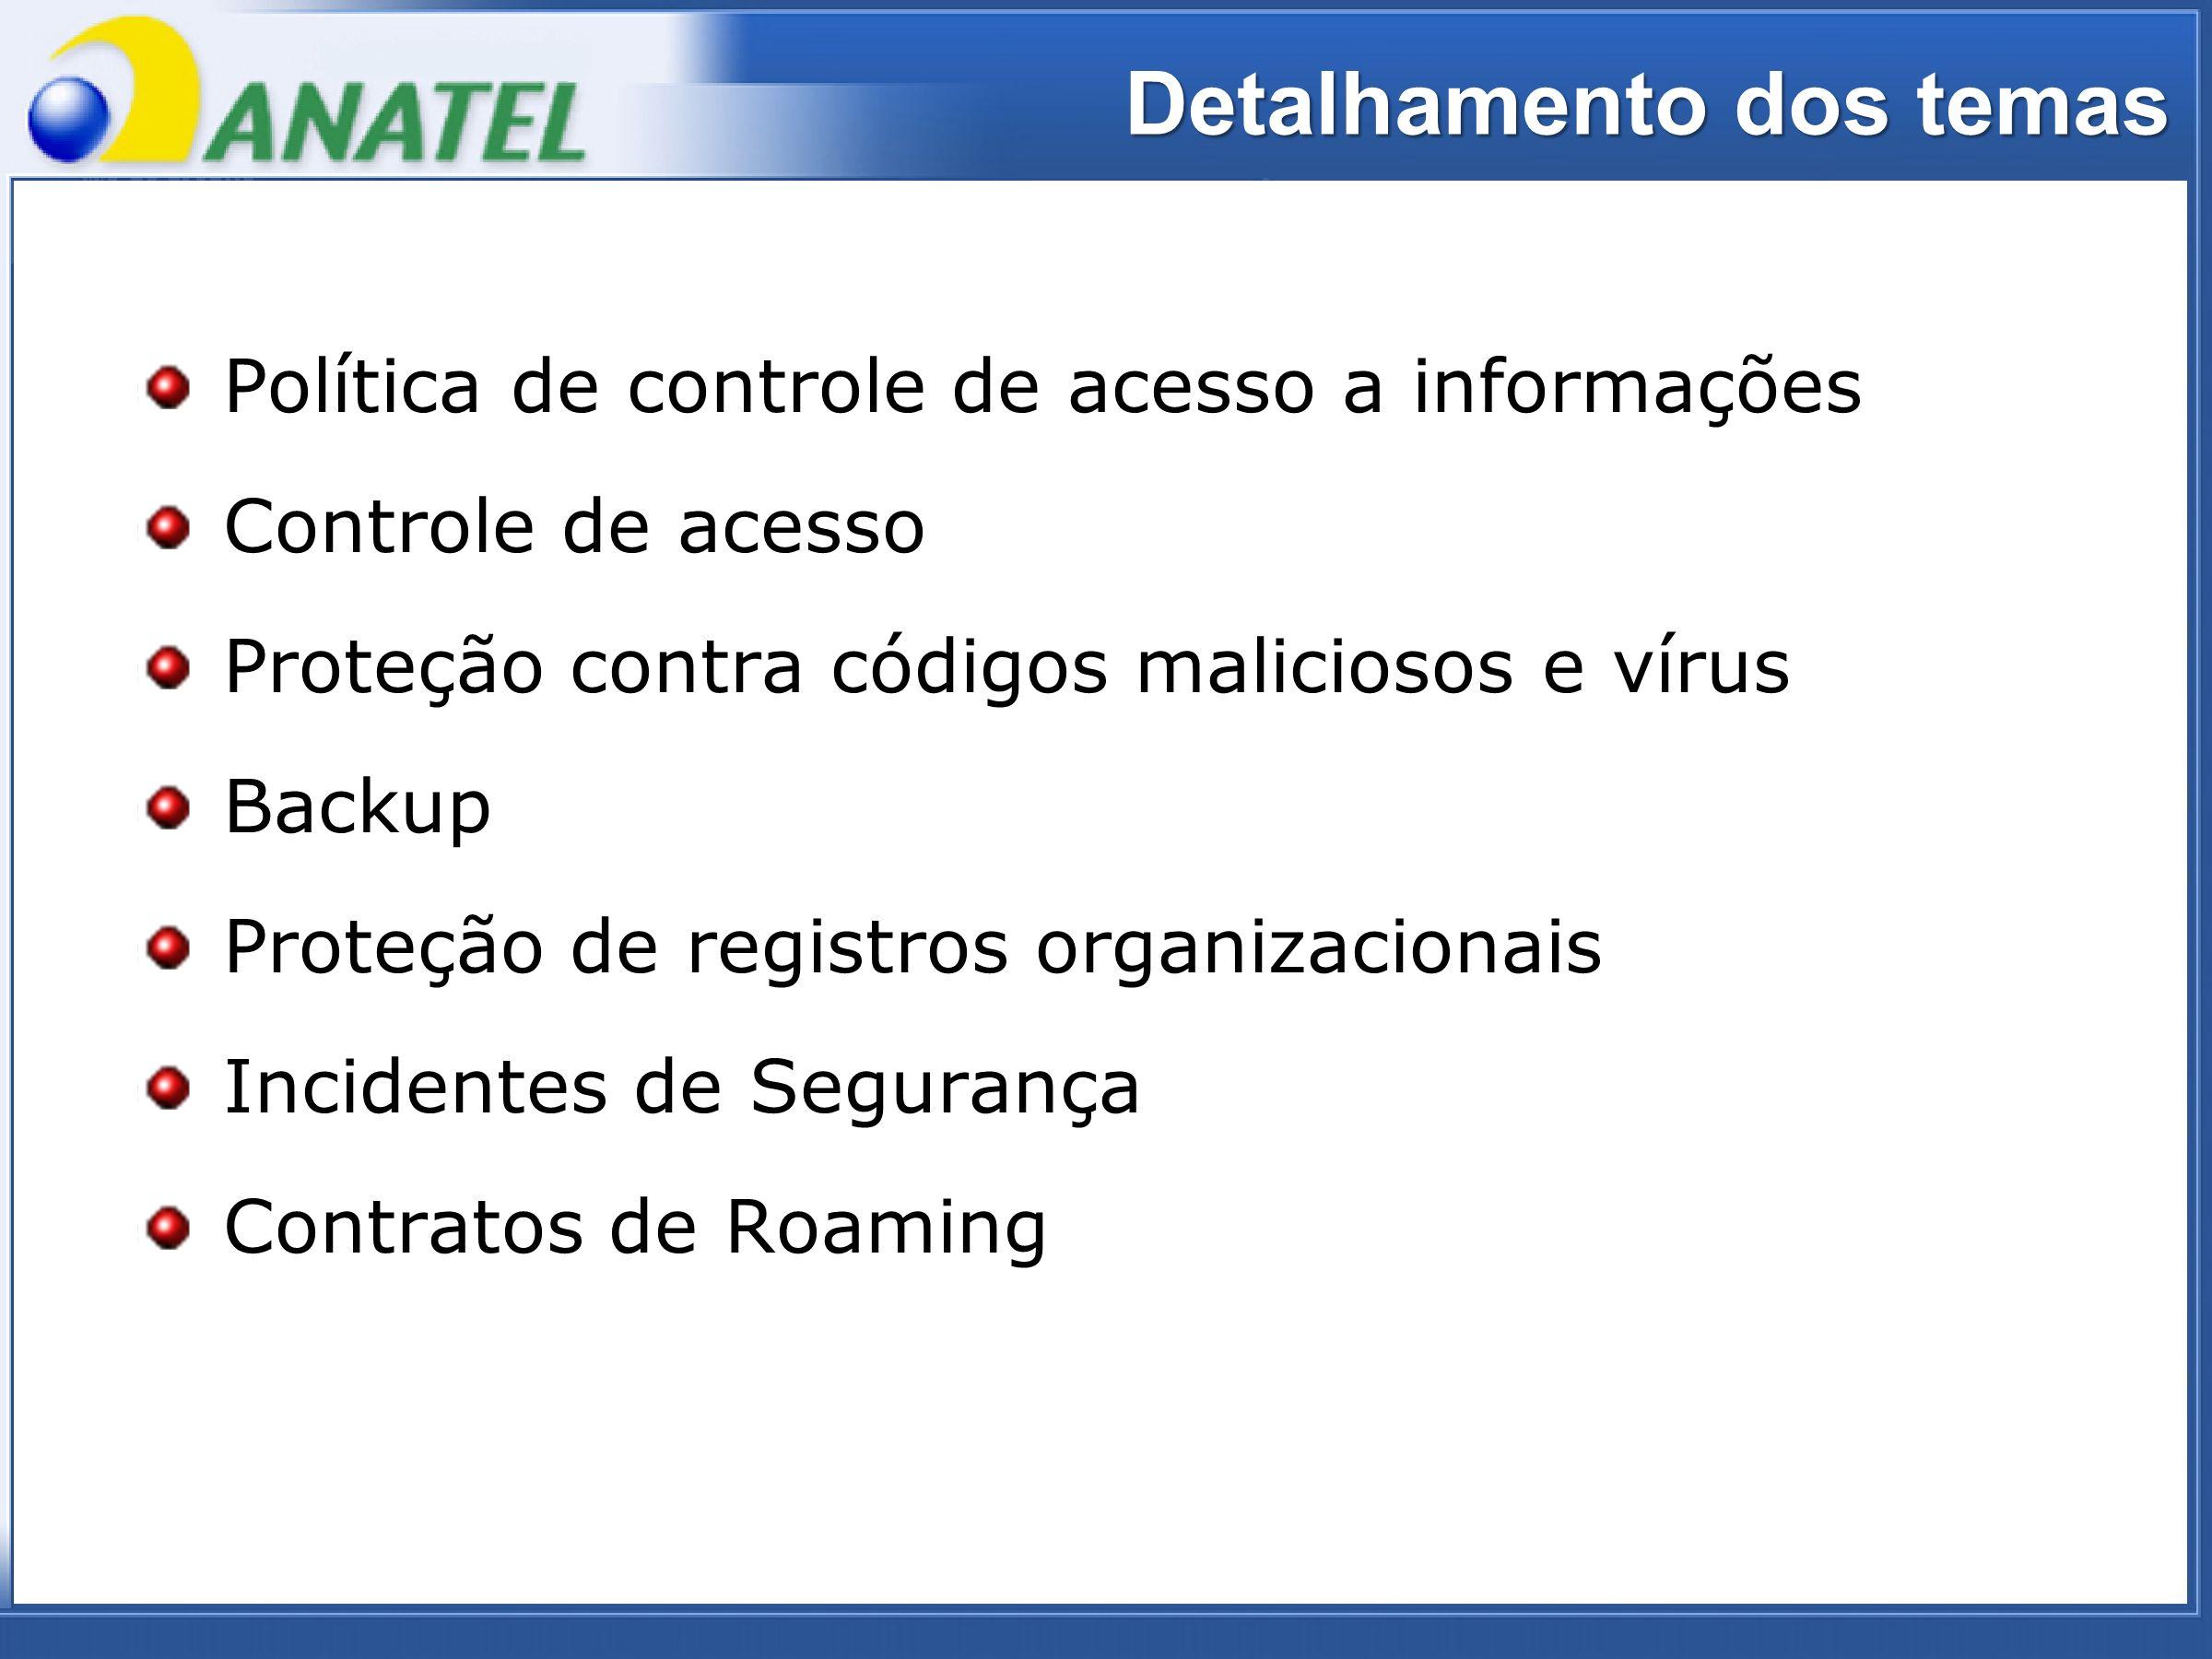 ADTOD Política de controle de acesso a informações Controle de acesso Proteção contra códigos maliciosos e vírus Backup Proteção de registros organizacionais Incidentes de Segurança Contratos de Roaming Detalhamento dos temas